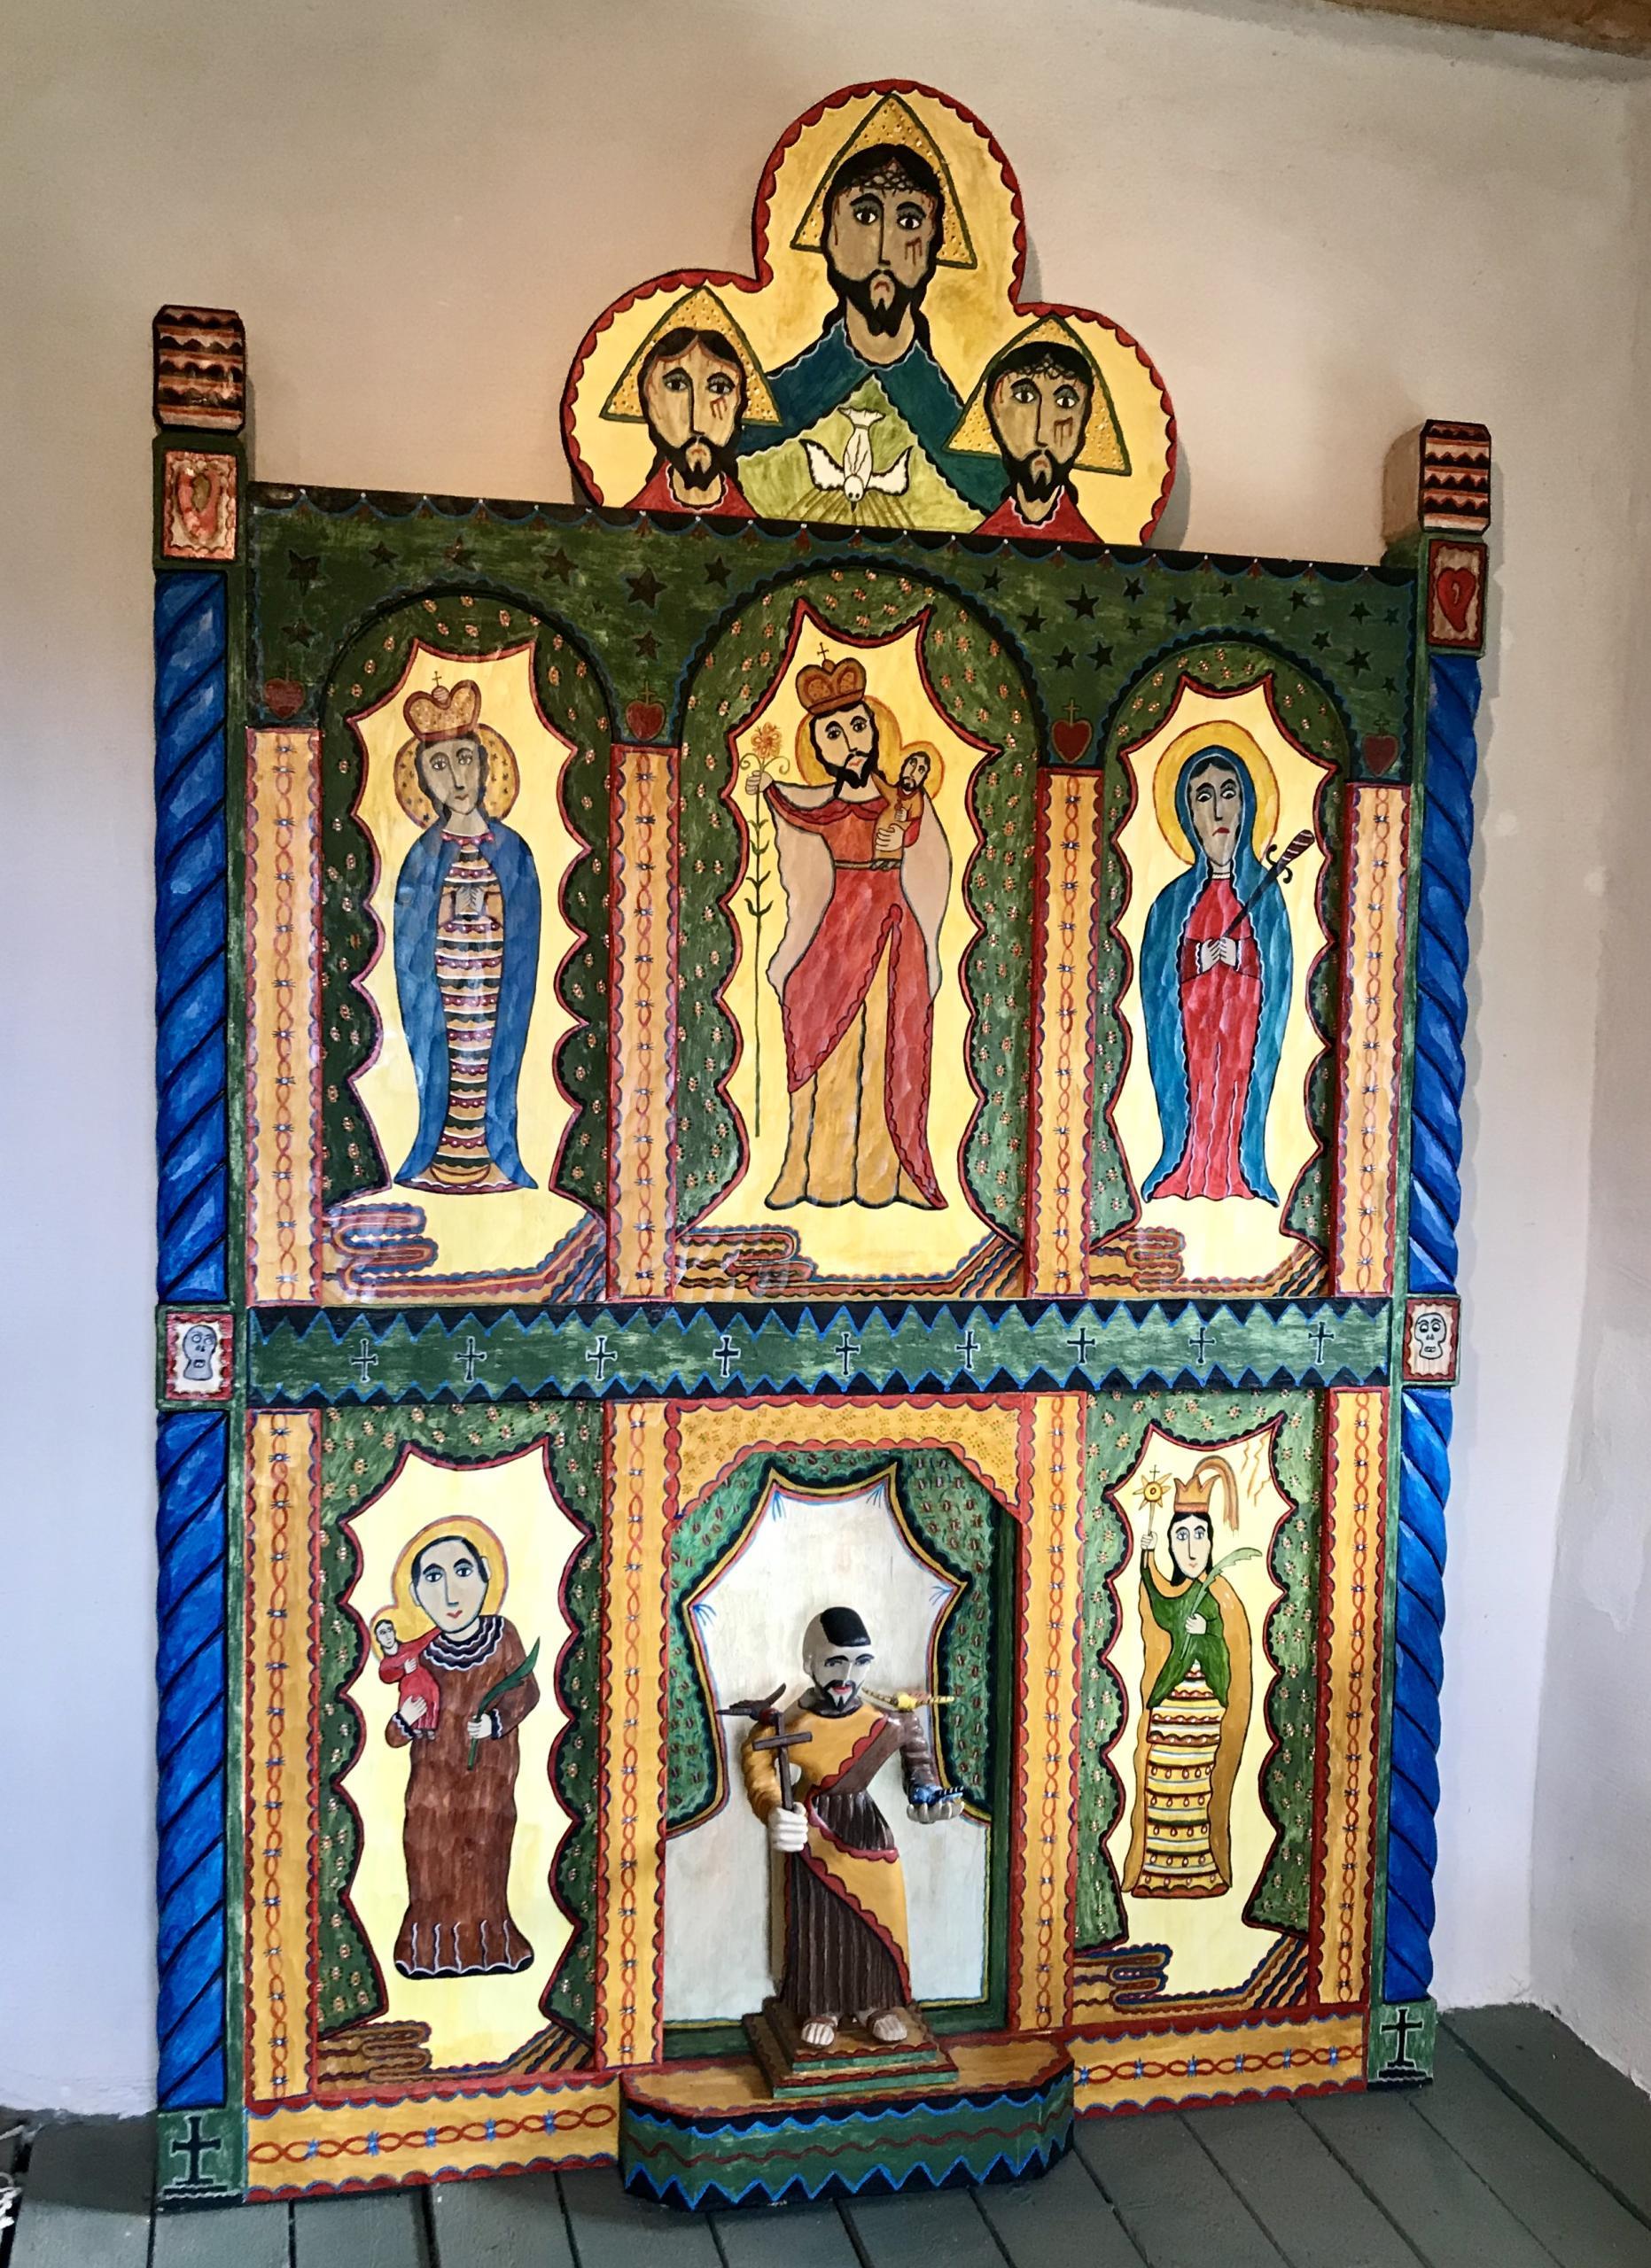 Outsider Art in Interior Design, New Mexico Folk Art in Interior Design. New Mexican Santero.